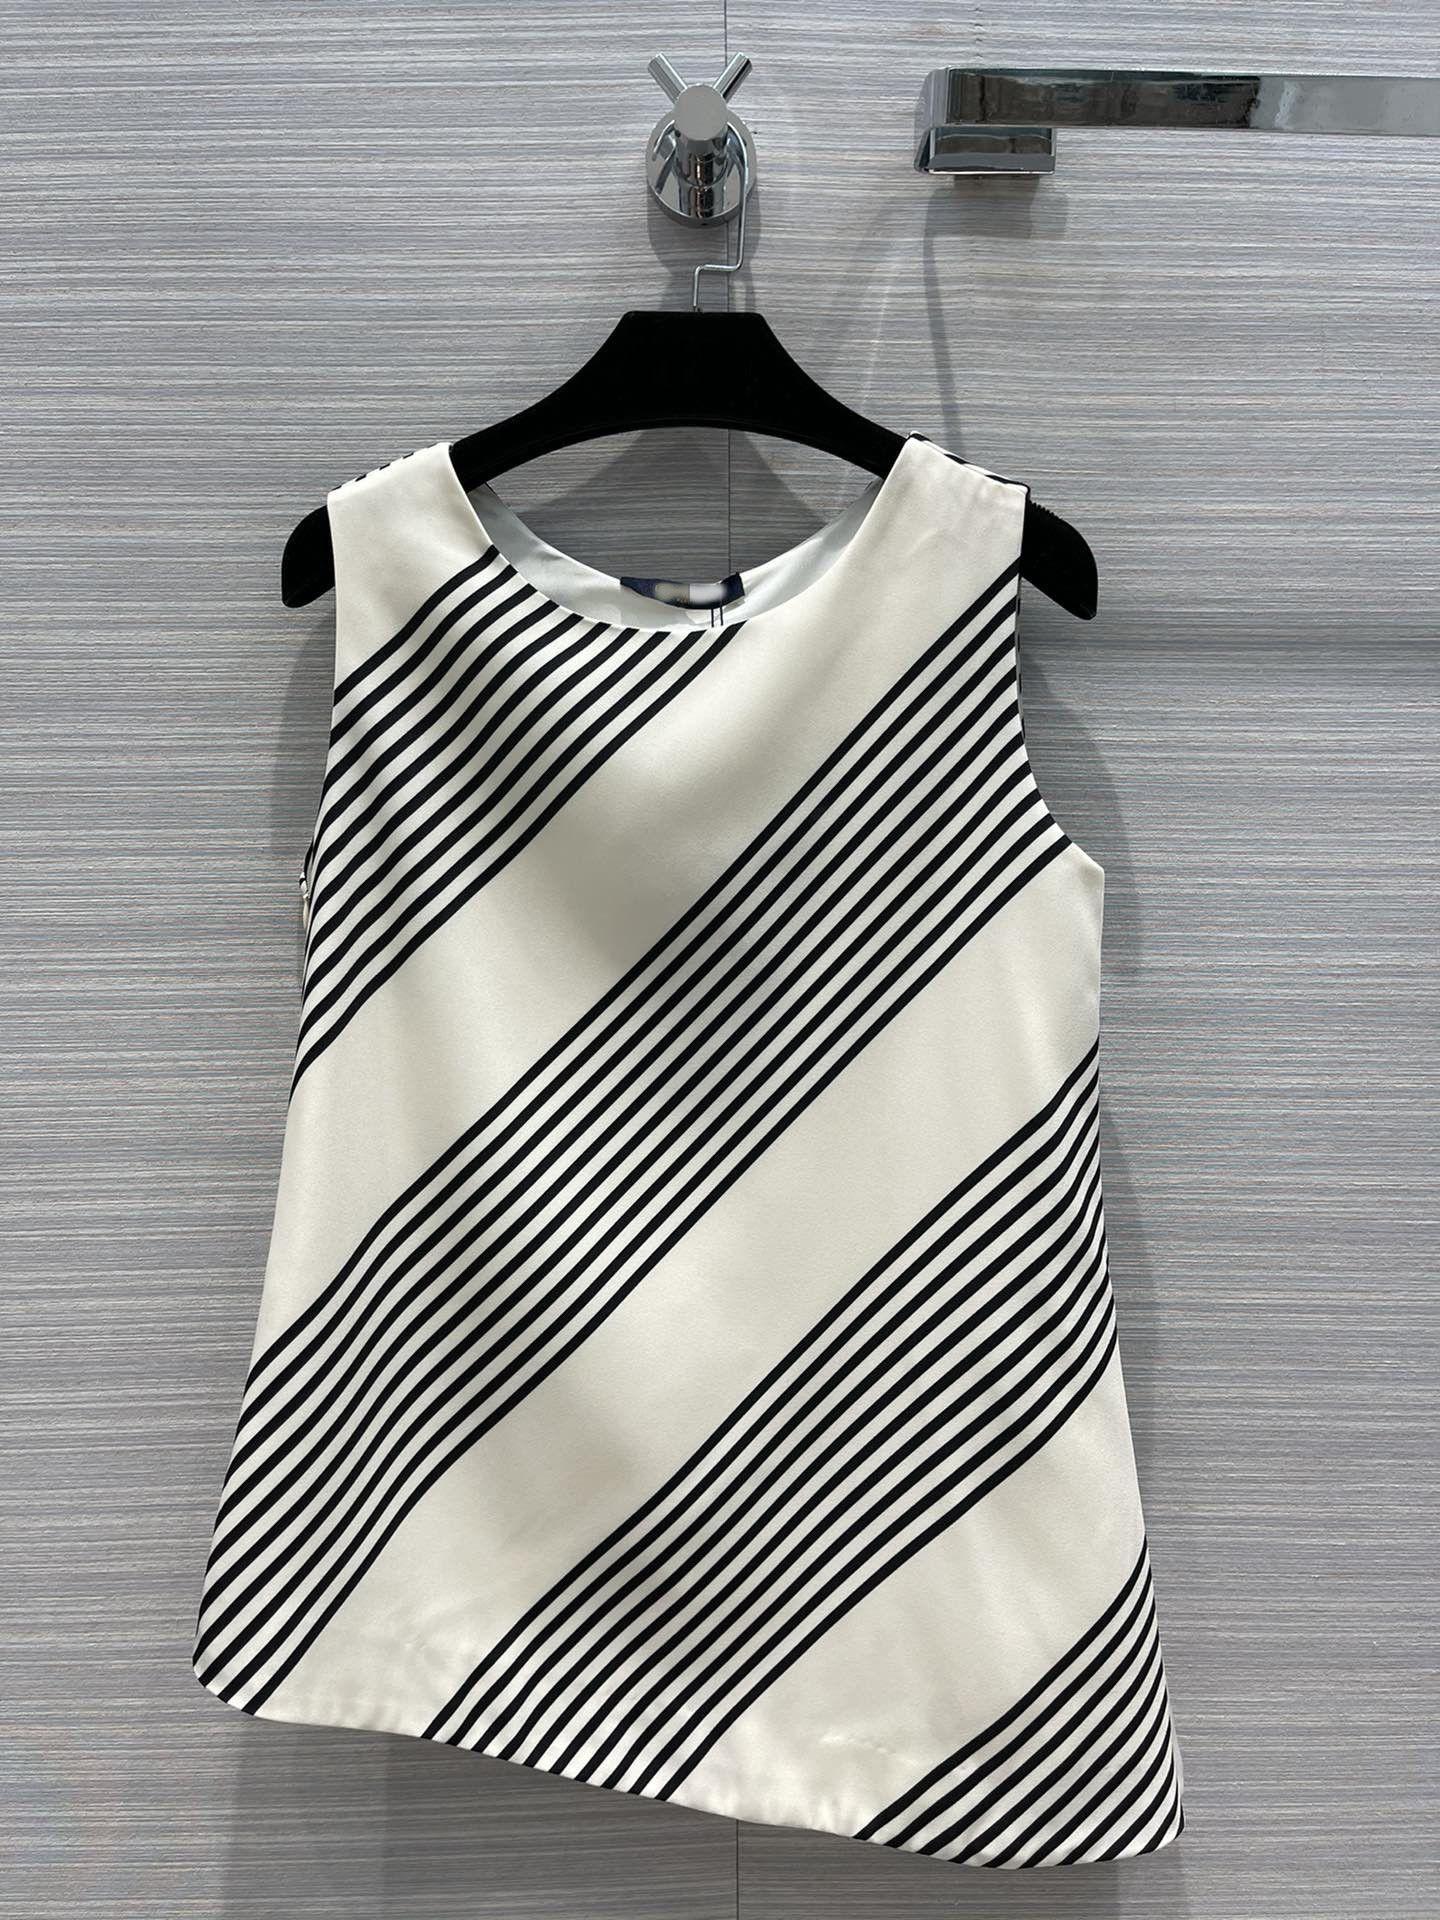 Milan Pist Kadınlar Tops Tees 2021 O Boyun Kolsuz Baskı Tasarımcı Mont Marka Aynı Stil T-shirt 0324-4